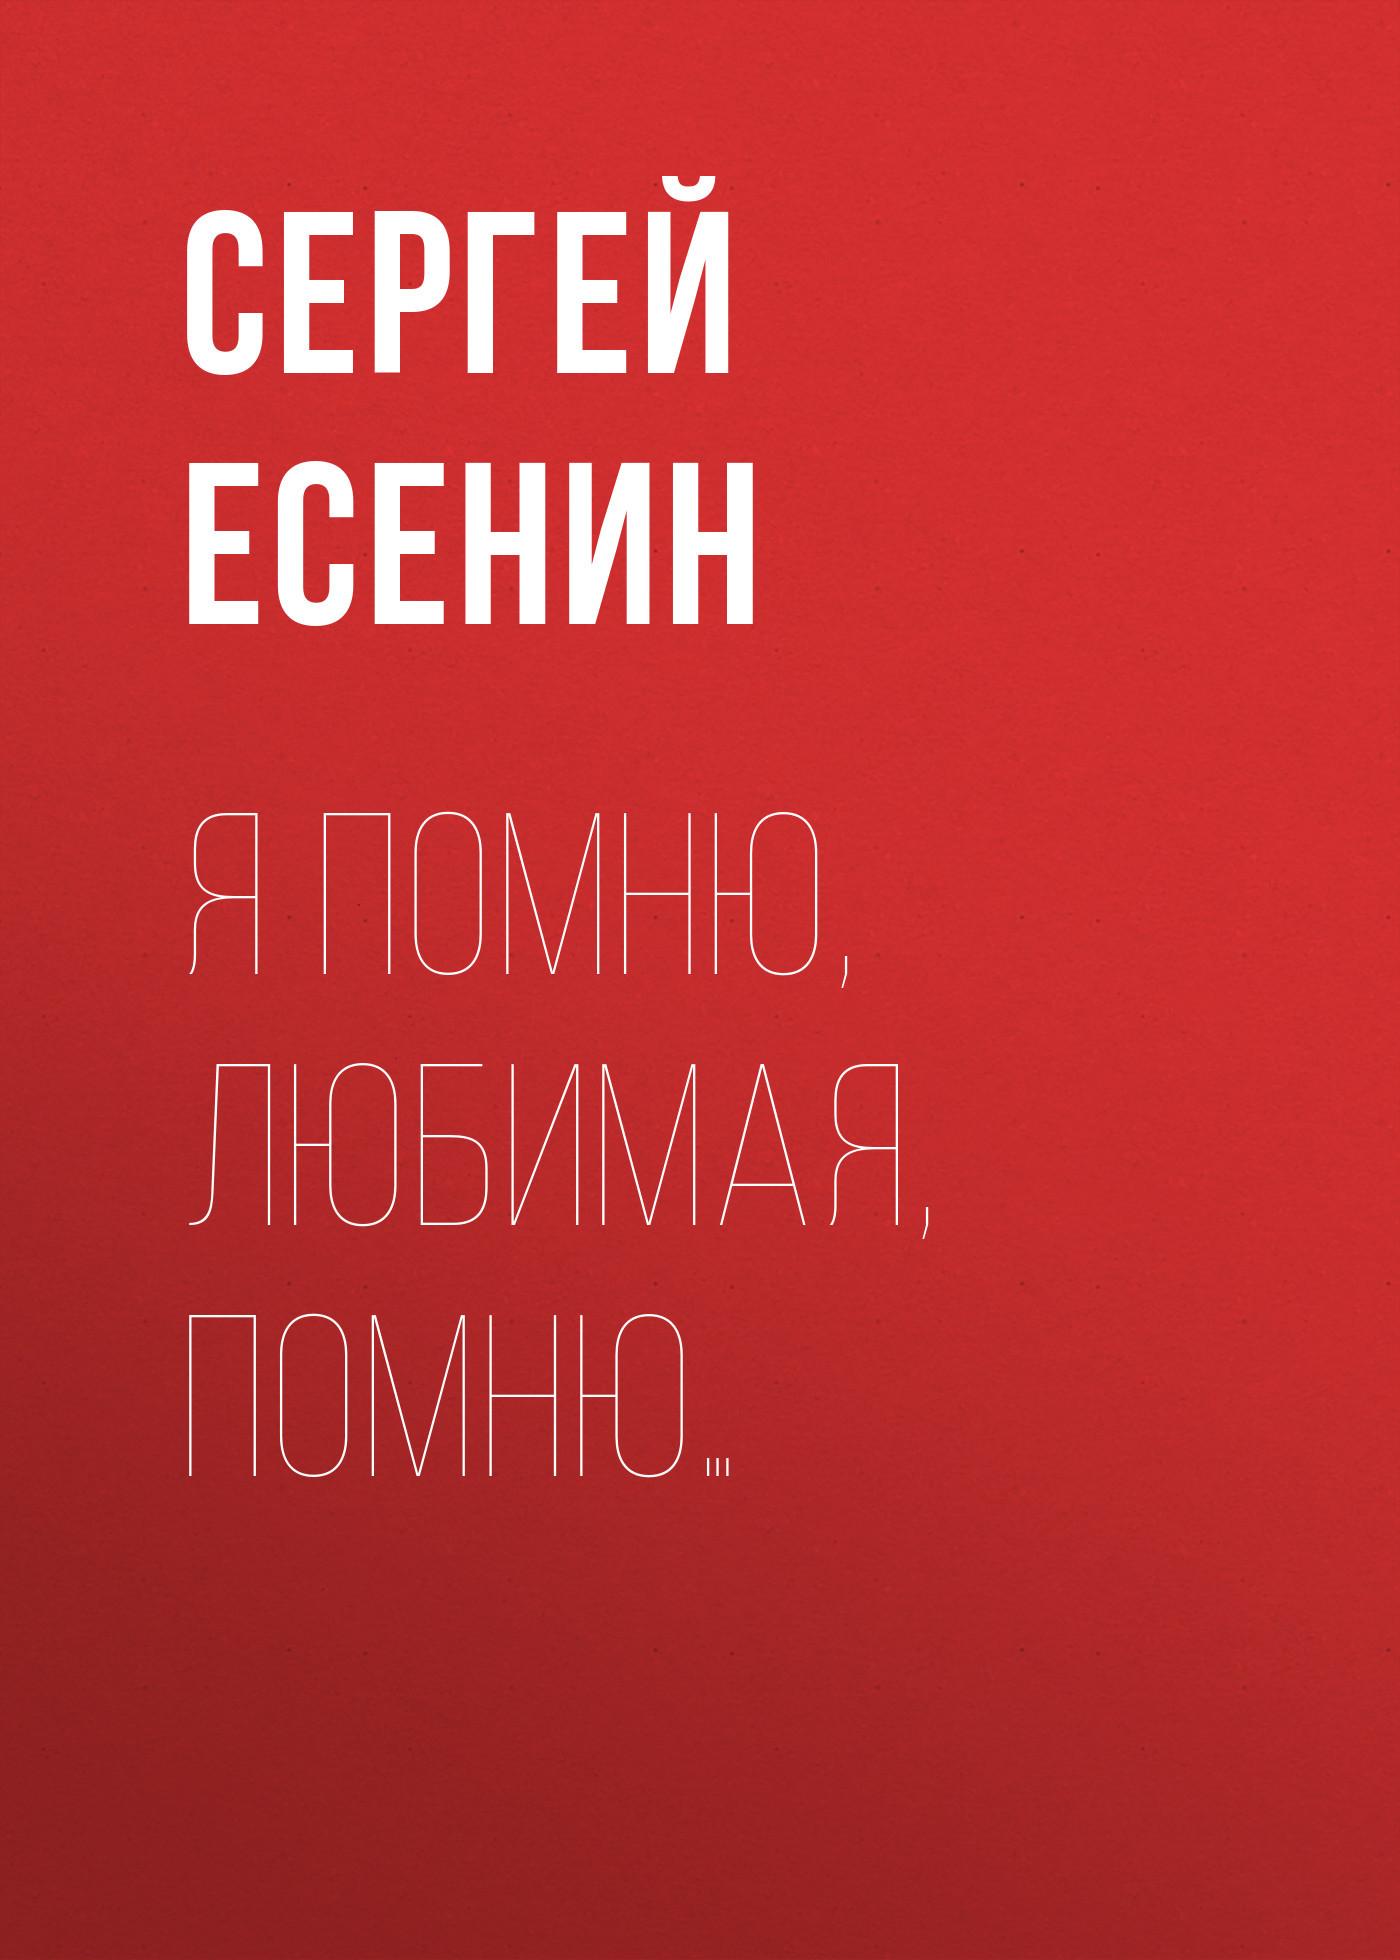 Сергей Есенин Я помню, любимая, помню… сергей есенин золотые цитаты классиков литературы с а есенин миниатюрное издание